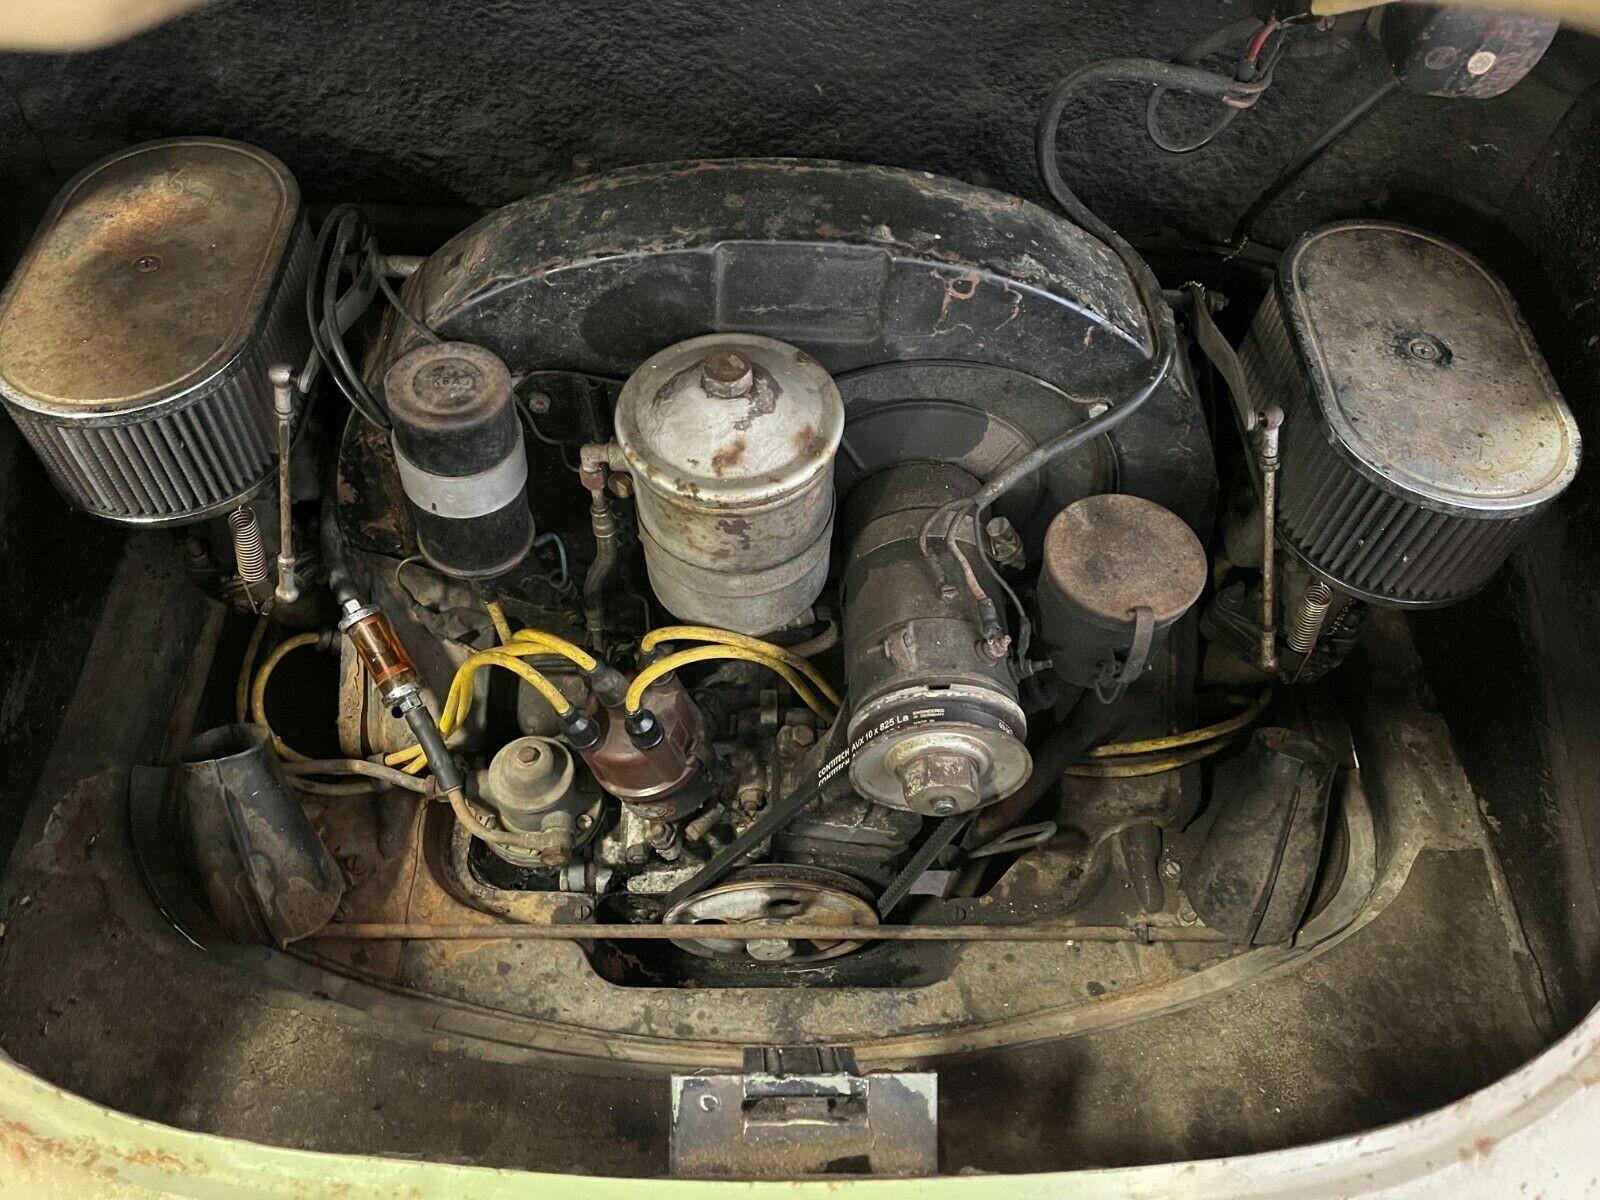 Porsche1963 года простоял 40 лет в сарае и способен передвигаться